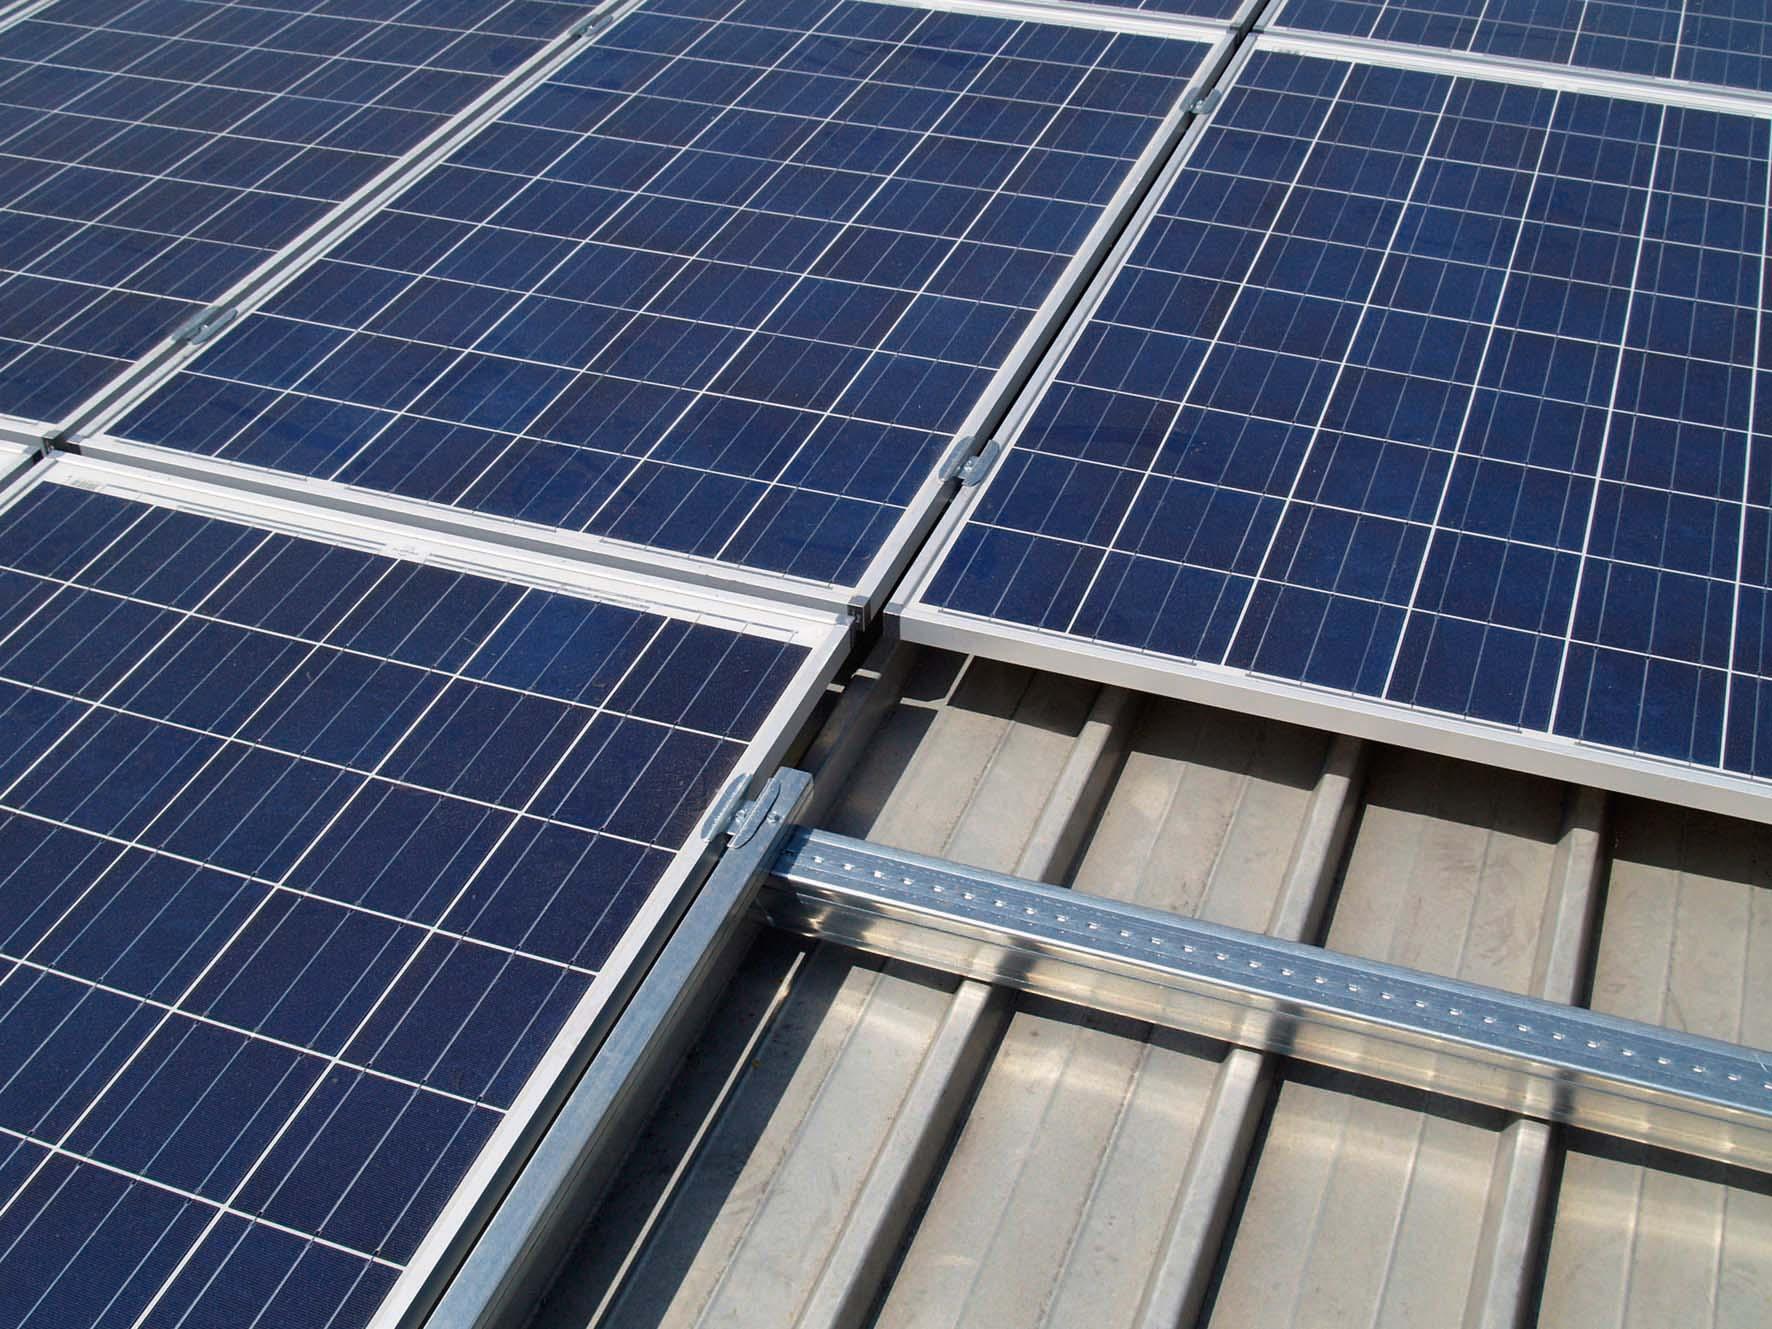 Metalsistem inauguazione impianto fotovoltaico stabilimento dettaglio pannello